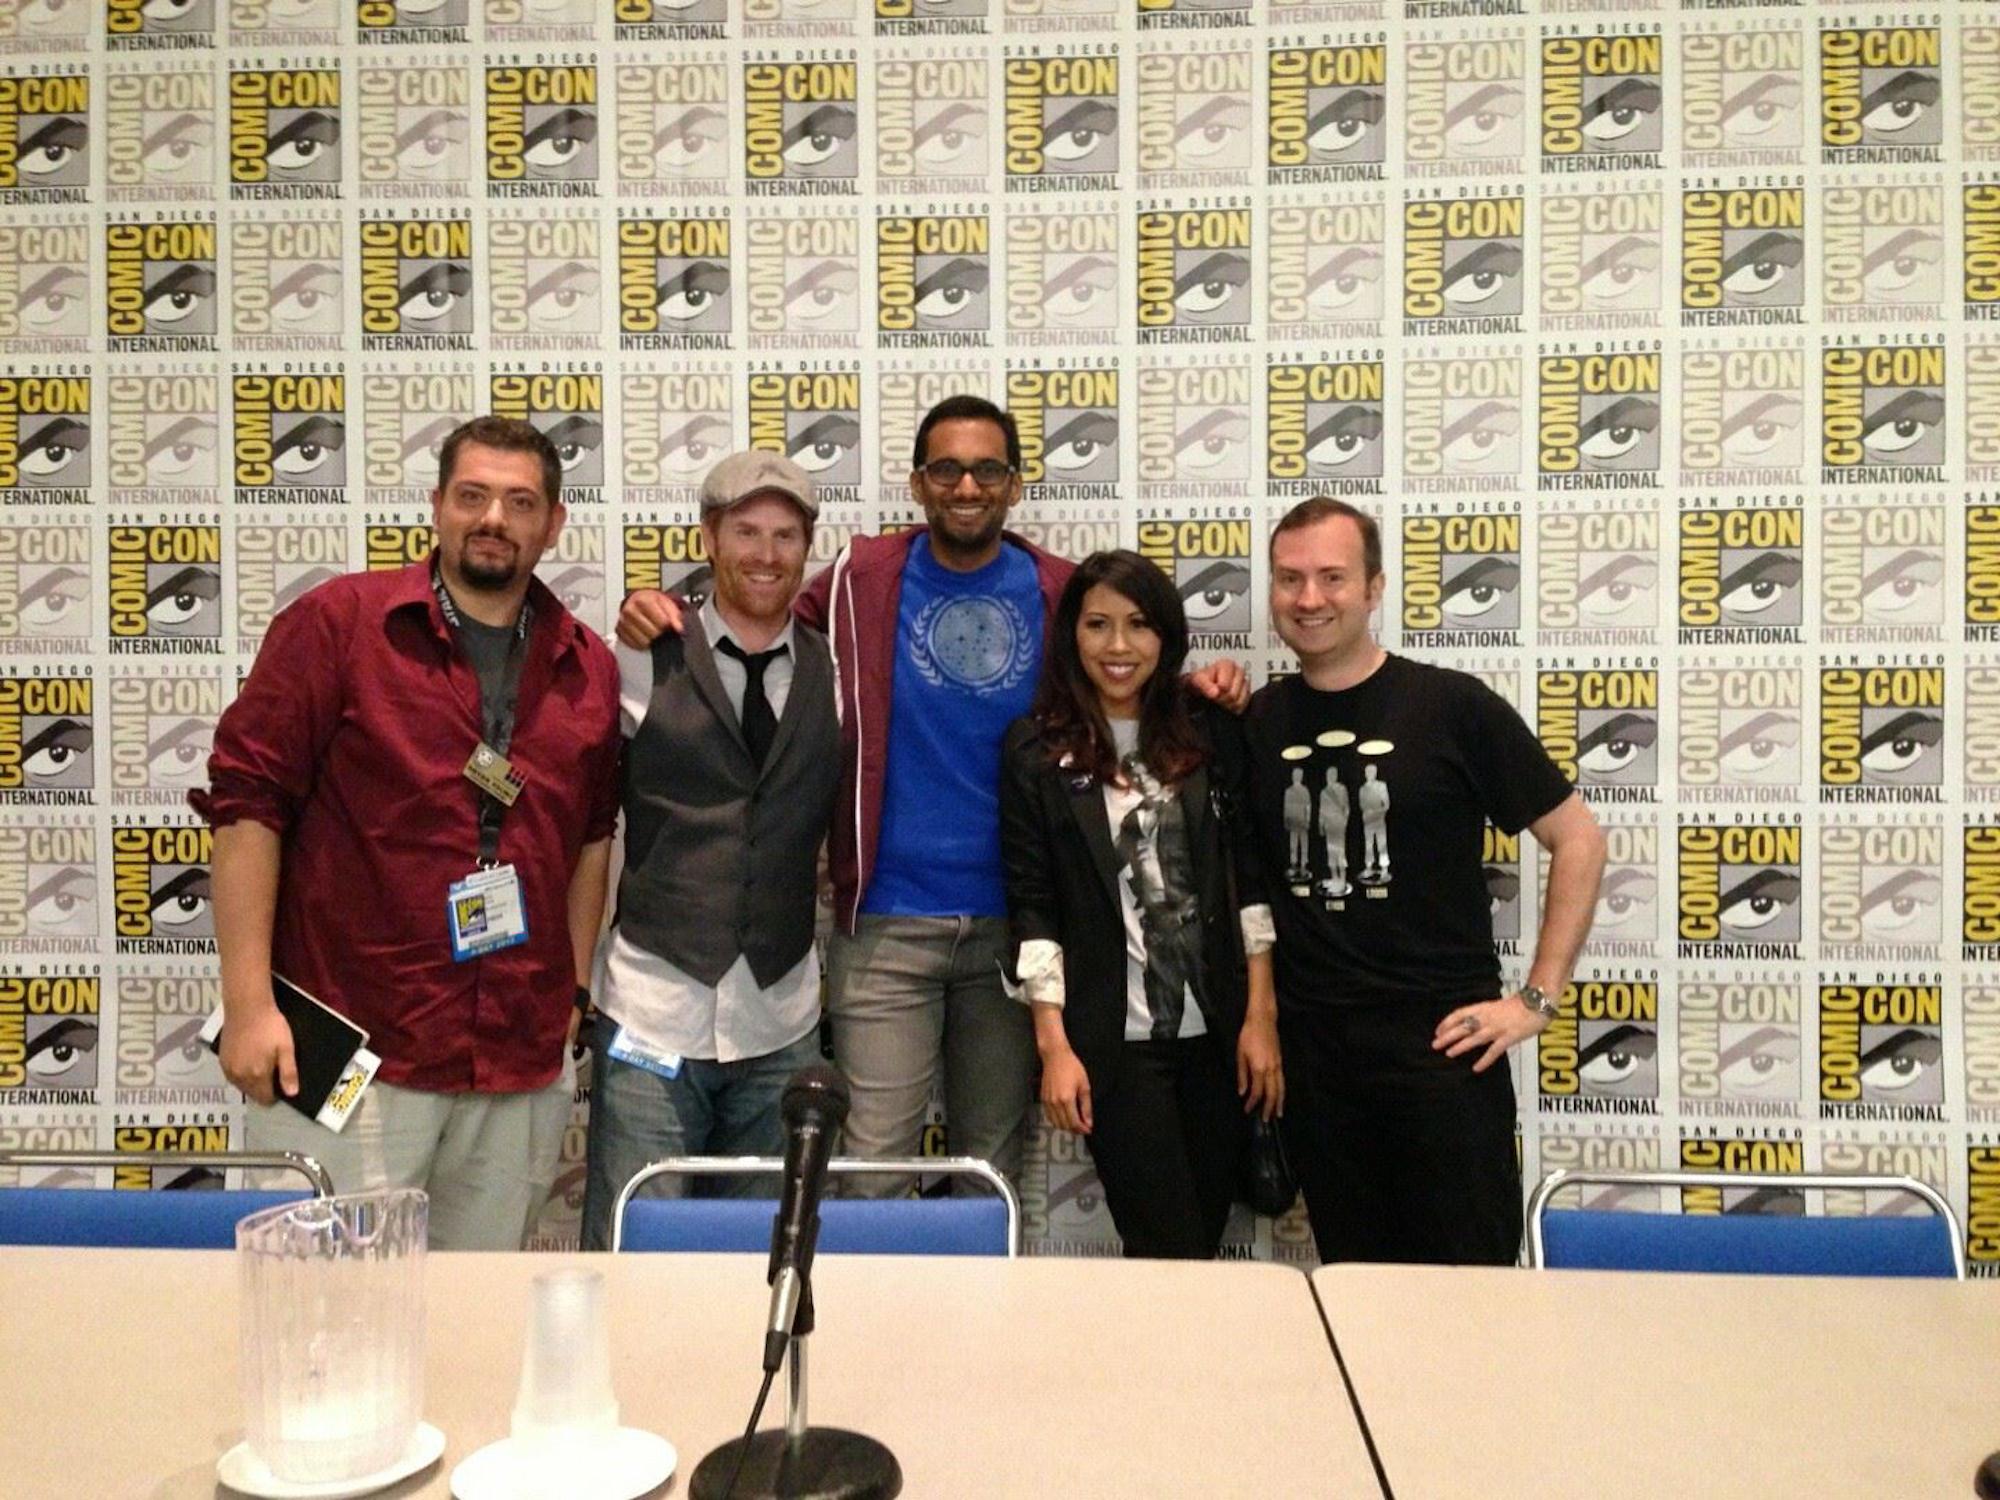 Left to right: Bryan Young, Brian Ward, Ali Mattu, Andrea Letamendi, John Champion.